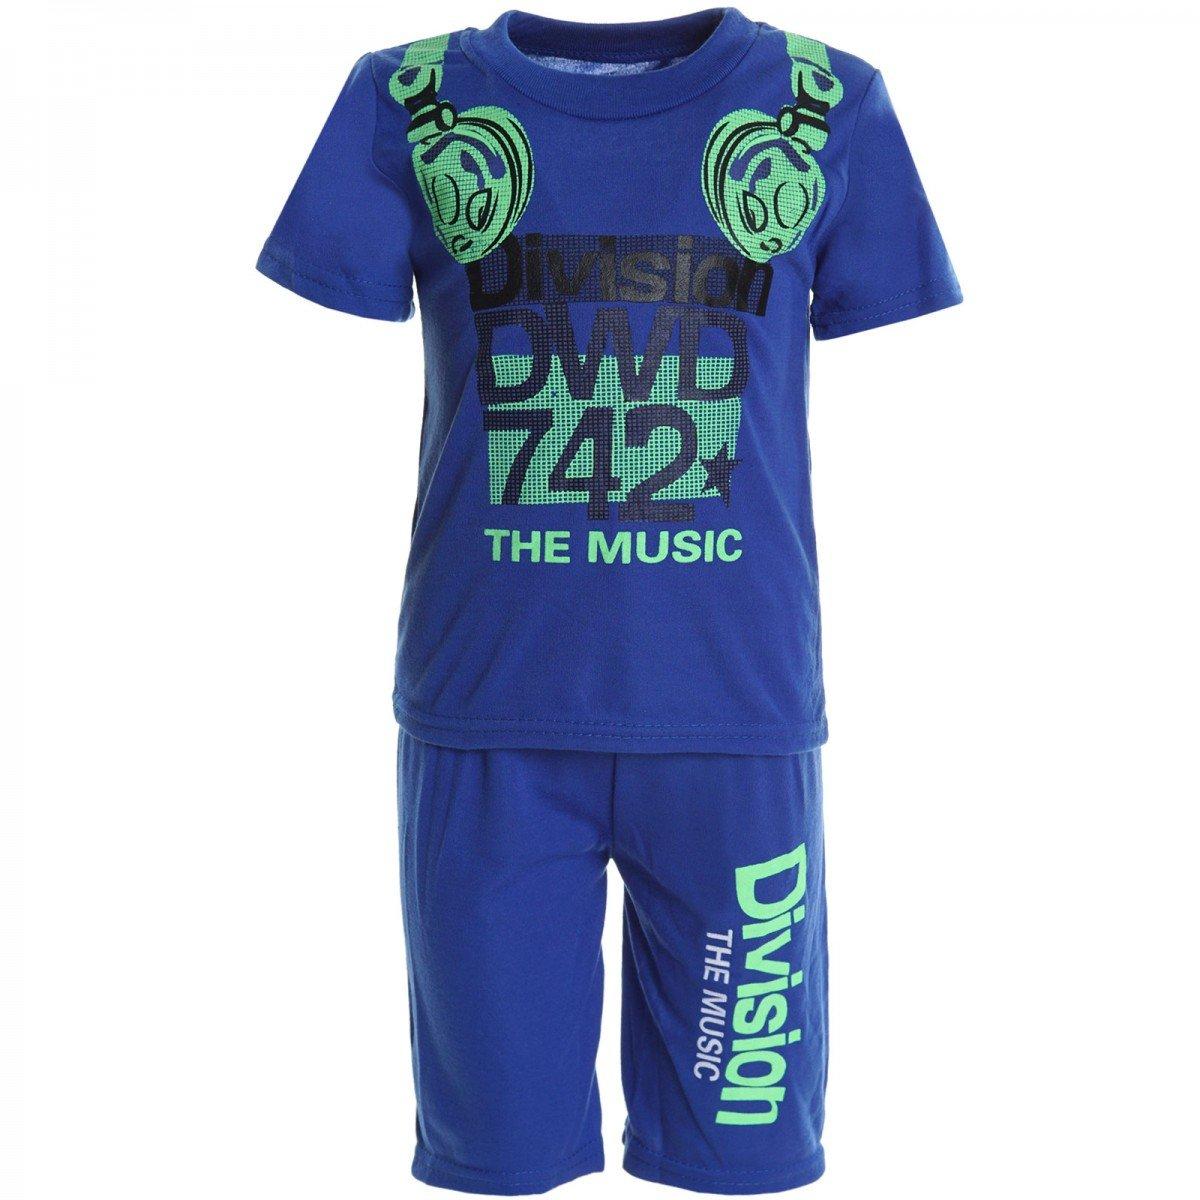 BEZLIT Jungen Set T-Shirt Hose 20484 2tl Set